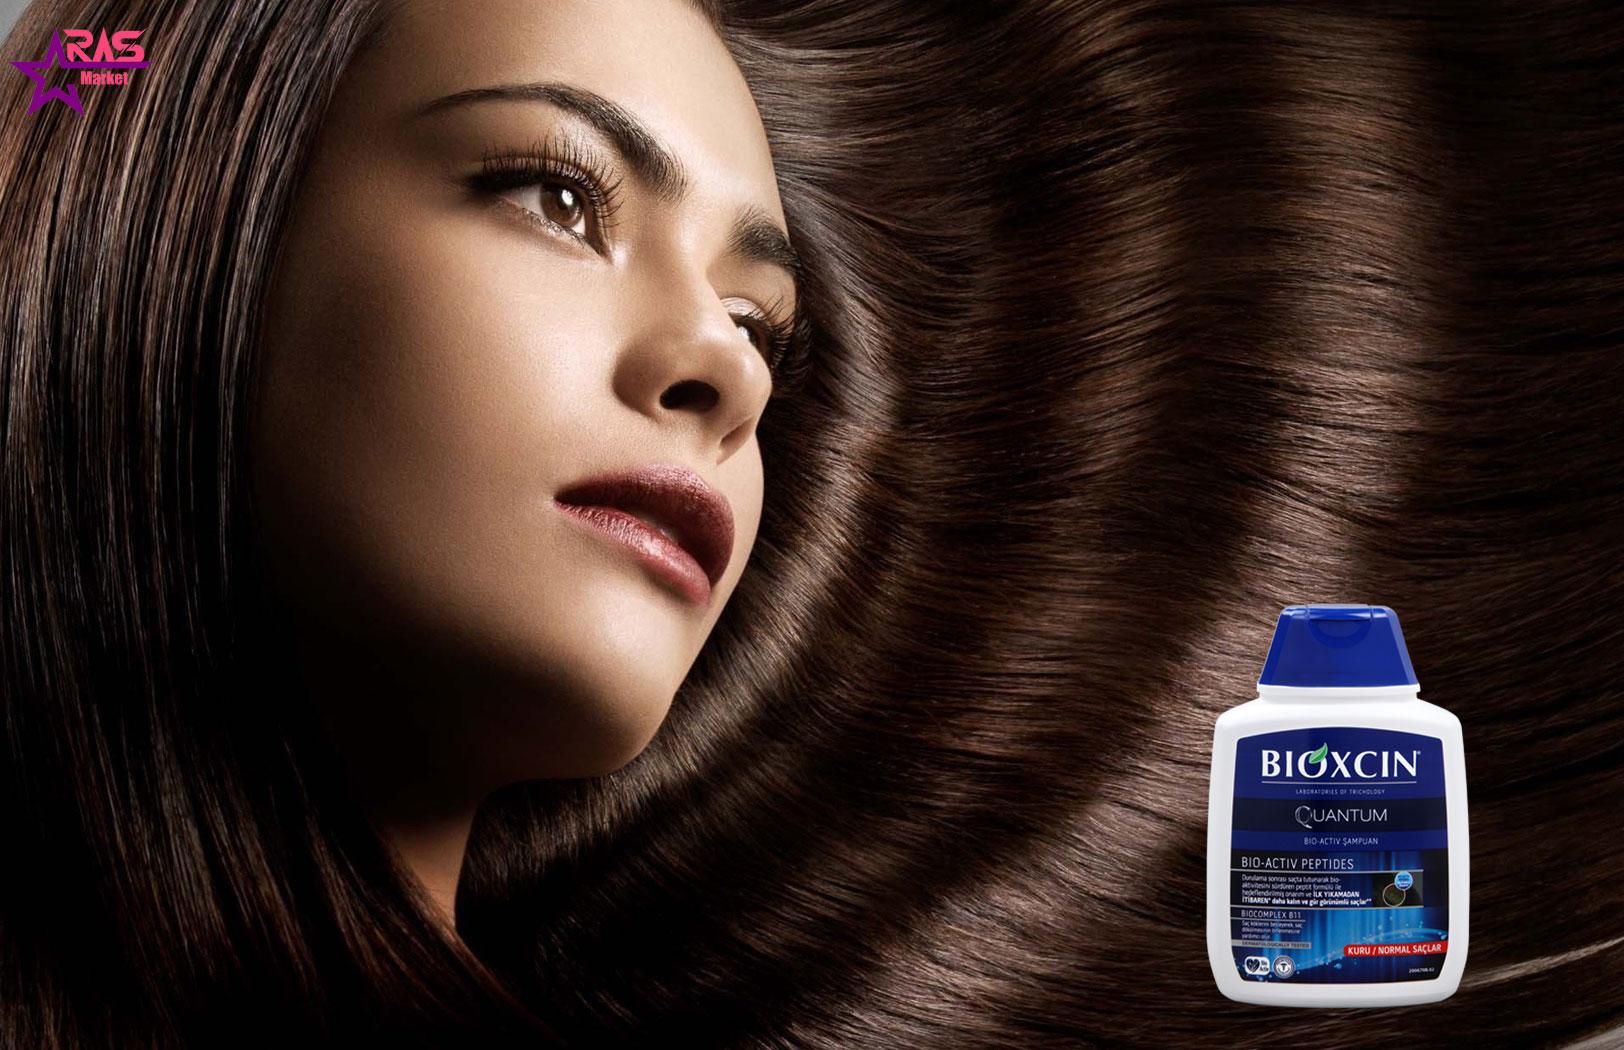 شامپو بیوکسین مدل کوانتوم ضد ریزش مو مناسب موهای خشک و معمولی 300 میلی لیتر ، خرید اینترنتی محصولات شوینده و بهداشتی ، استحمام ، ارس مارکت